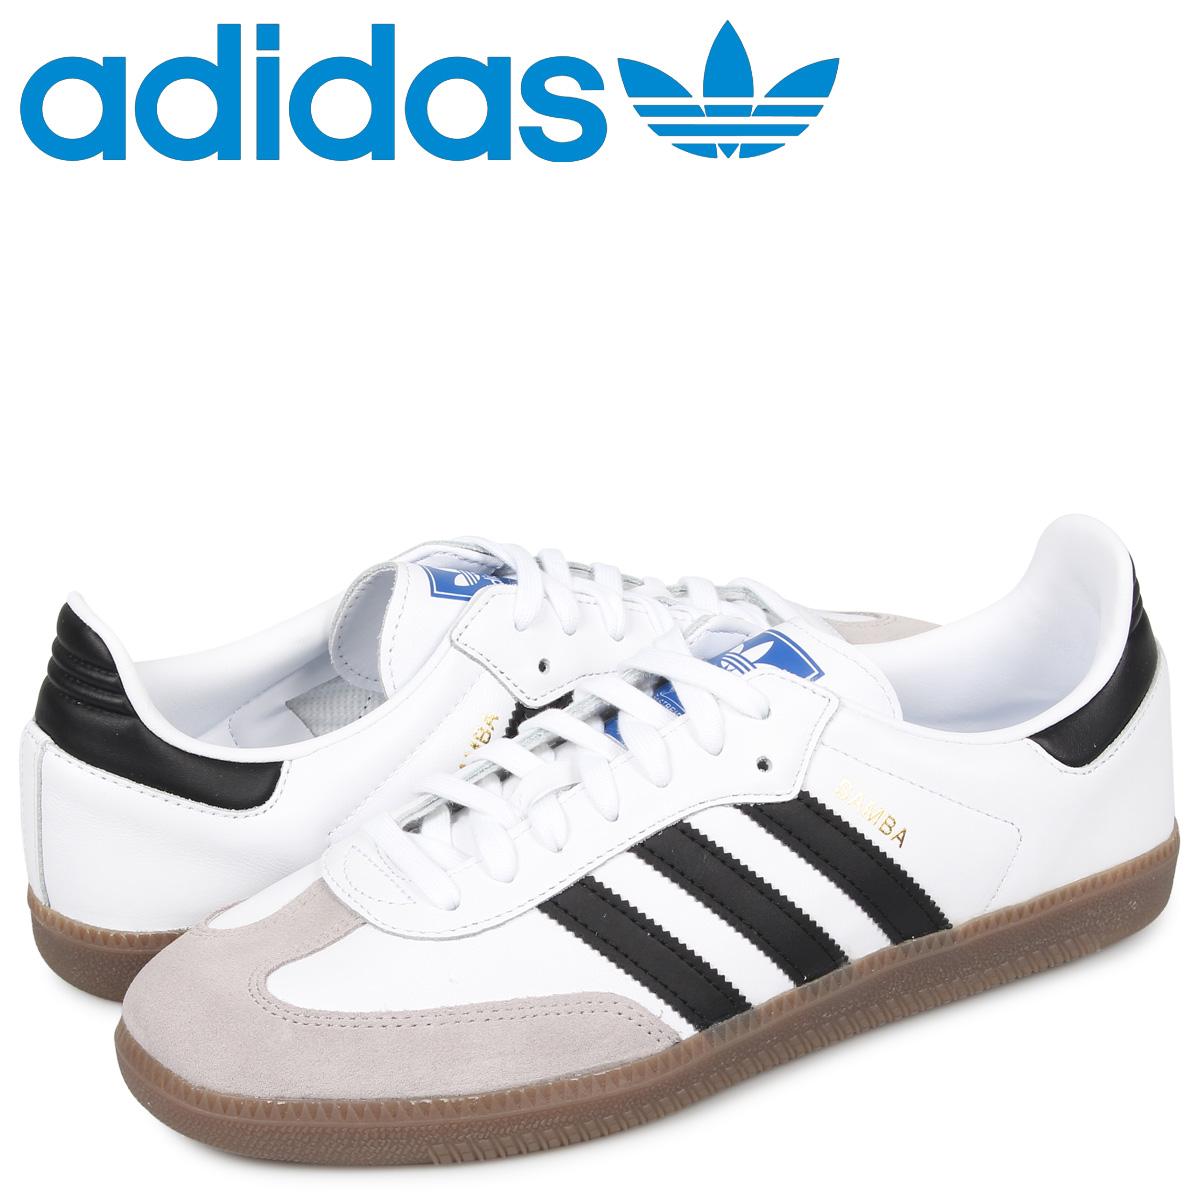 アディダス オリジナルス adidas Originals サンバ スニーカー メンズ SAMBA OG ホワイト 白 B75806 [7/31 追加入荷]